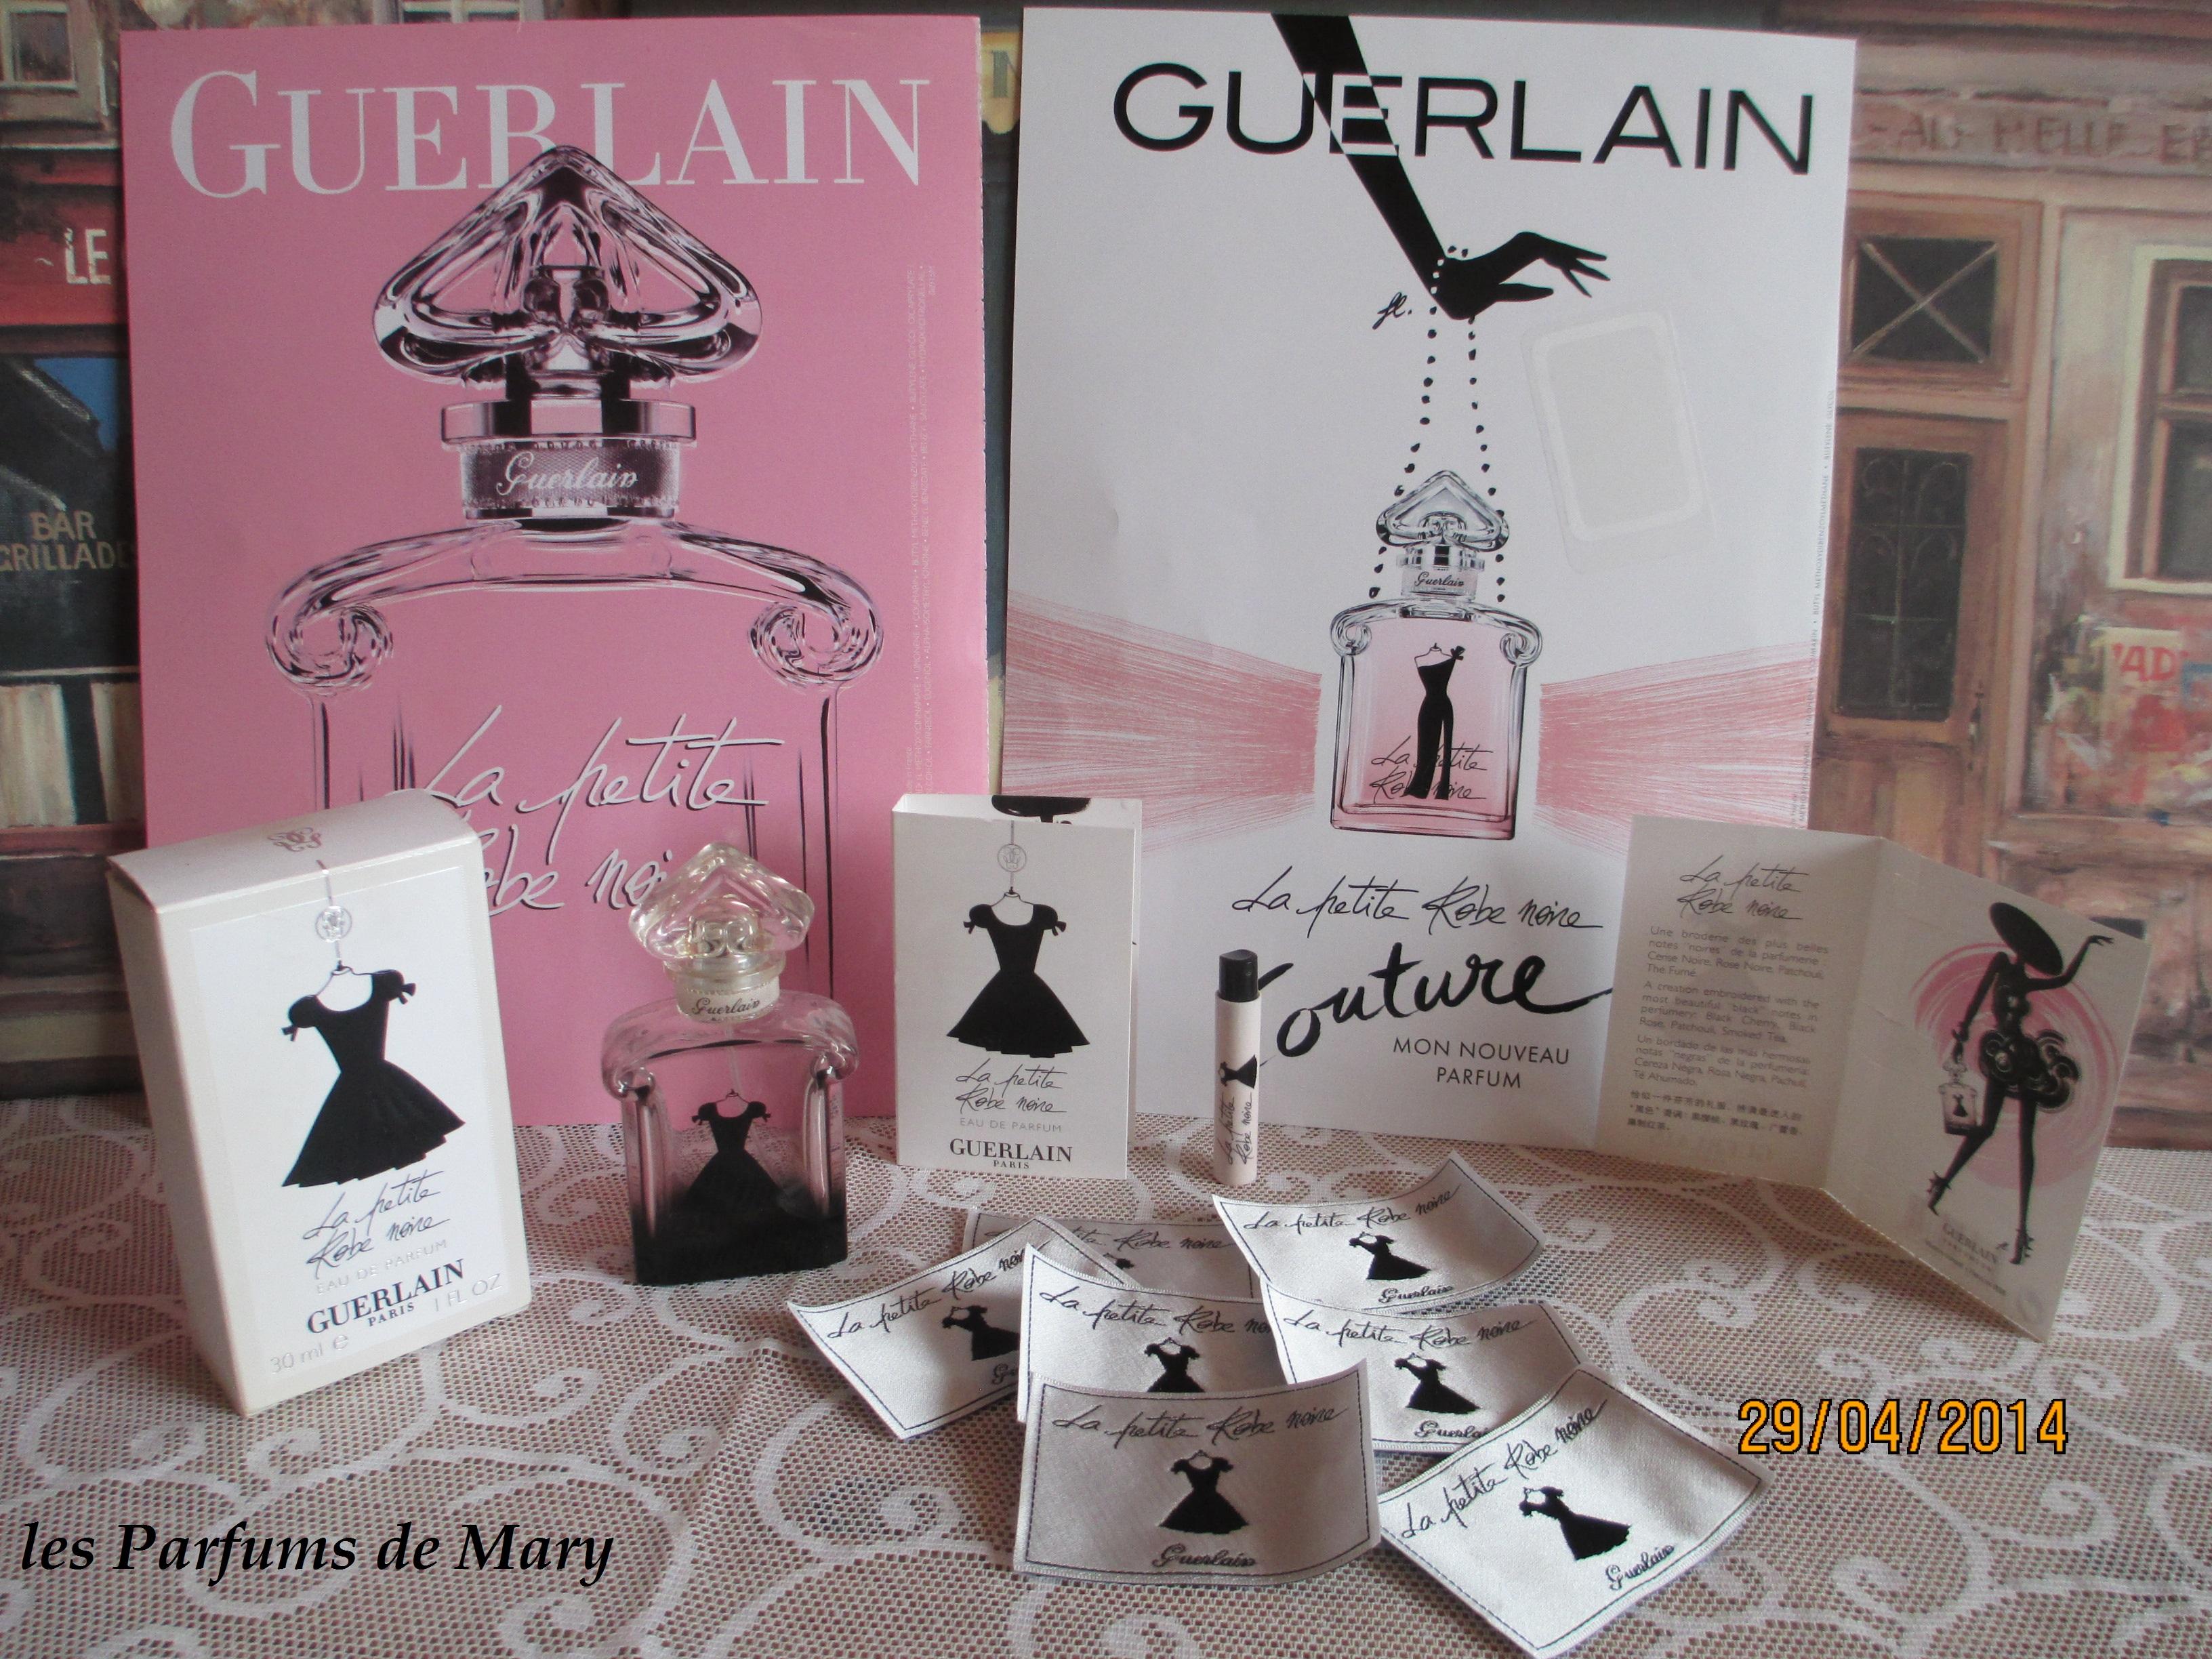 Parfum Ptitez Noire L'étiquette Sur La Robe Le Guerlain CxshdrtQ